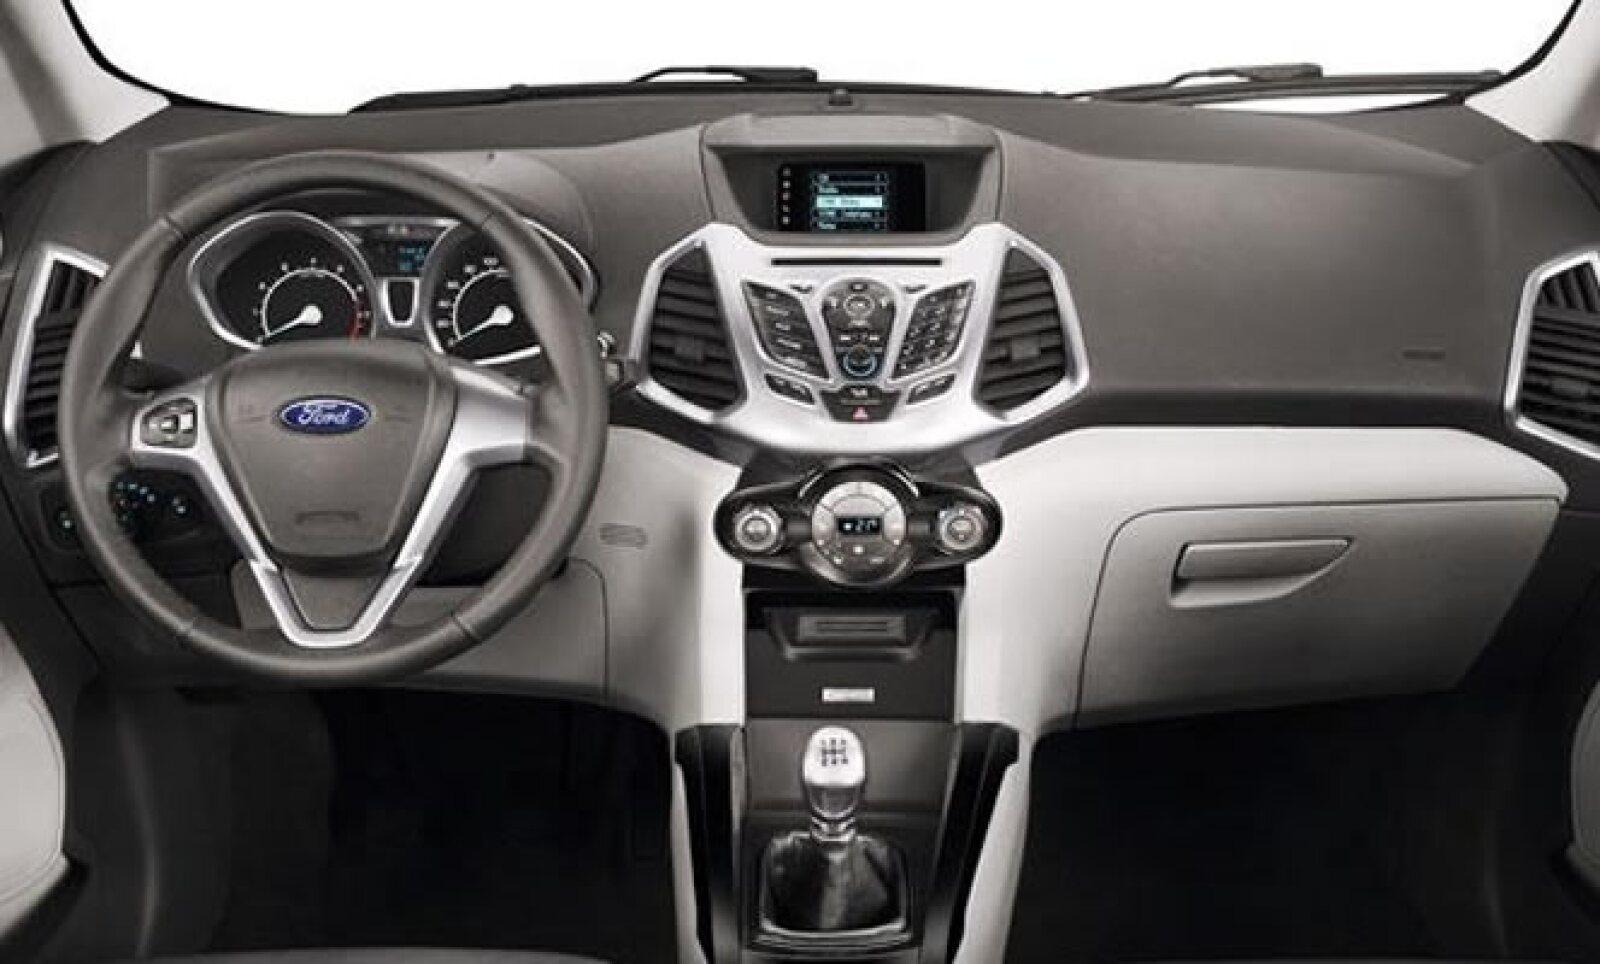 Hay dos niveles de confort, SE y Titanium. De serie, las dos configuraciones comparten el asiento del pasajero manual, controles para audio en el volante y columna de dirección abatible, entre otras características.